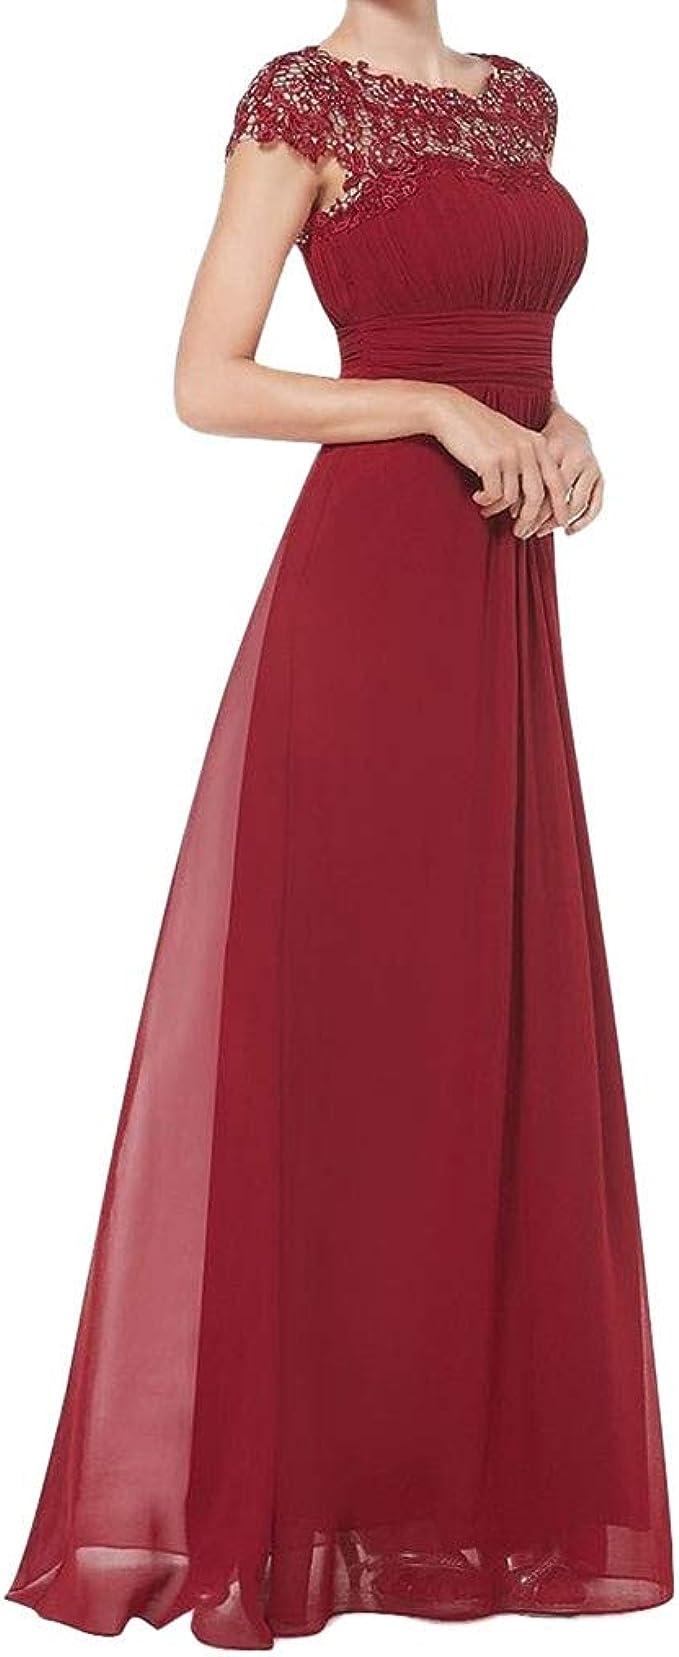 JYJM Abendkleider lang Strickkleid Frauen Floral Formale Spitze Vintage  Kurzarm Schlank Hochzeit Maxi Kleid Elegant Kleid Damen àrmellos  Unregelmässig